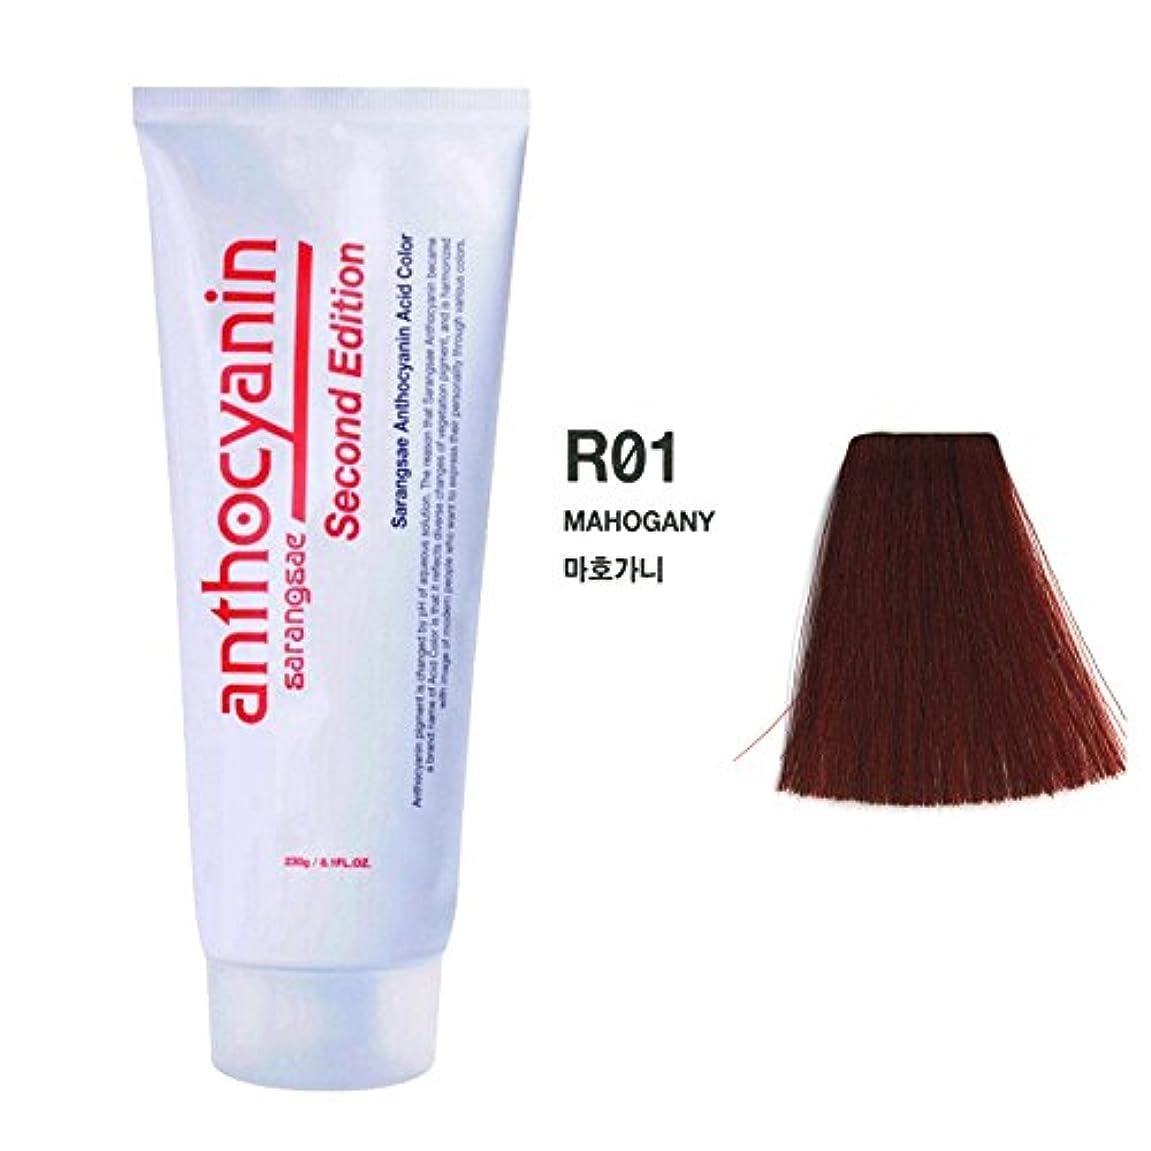 イライラする電球厳ヘア マニキュア カラー セカンド エディション 230g セミ パーマネント 染毛剤 ( Hair Manicure Color Second Edition 230g Semi Permanent Hair Dye) [並行輸入品] (R01 Mahogany)